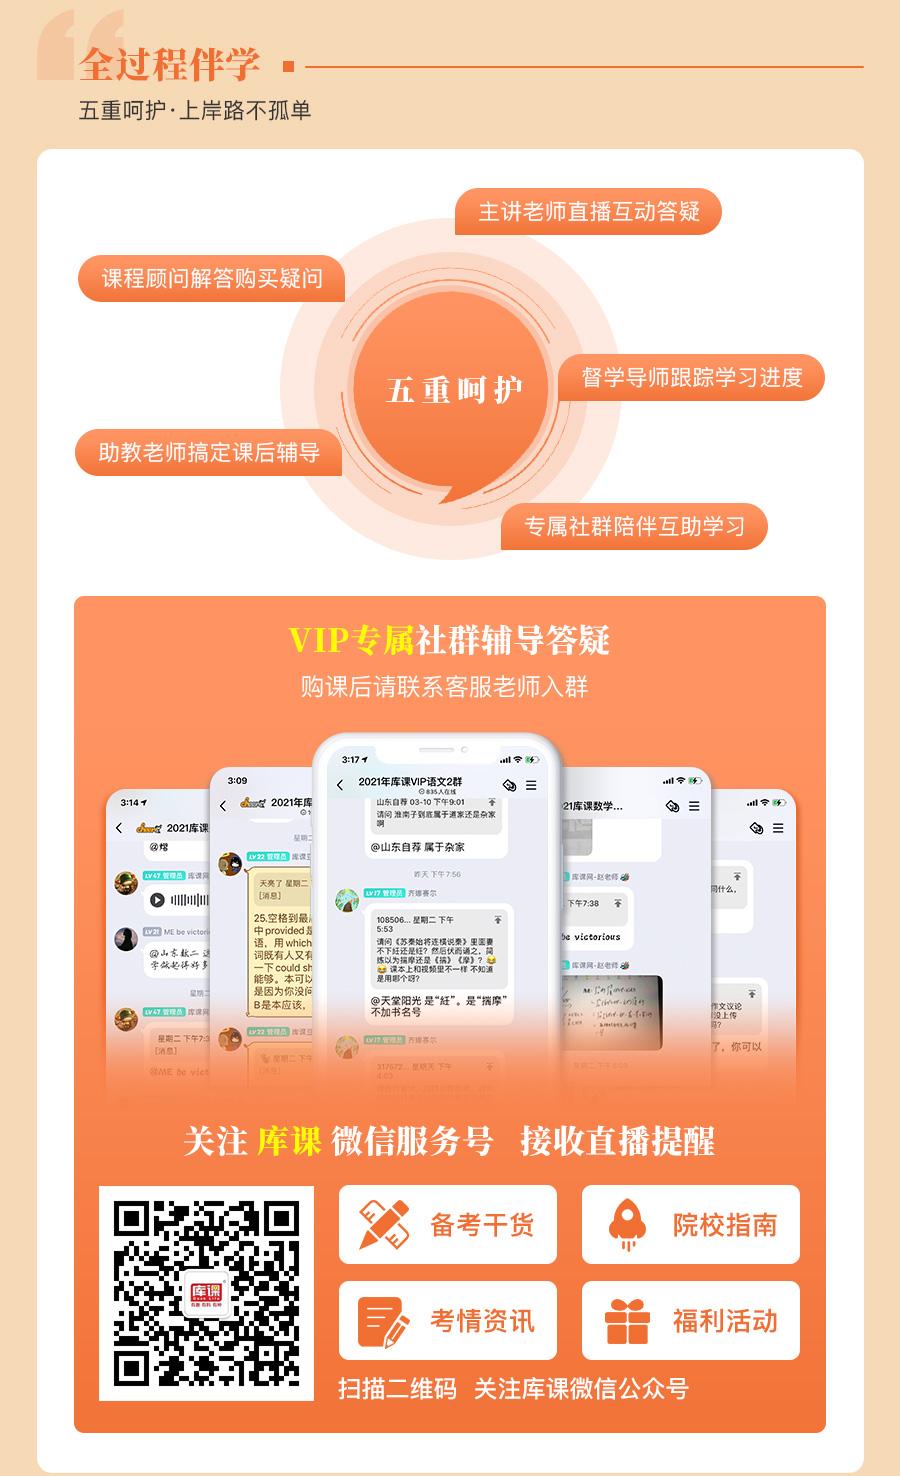 贵州-vip-英语+语文_06.jpg